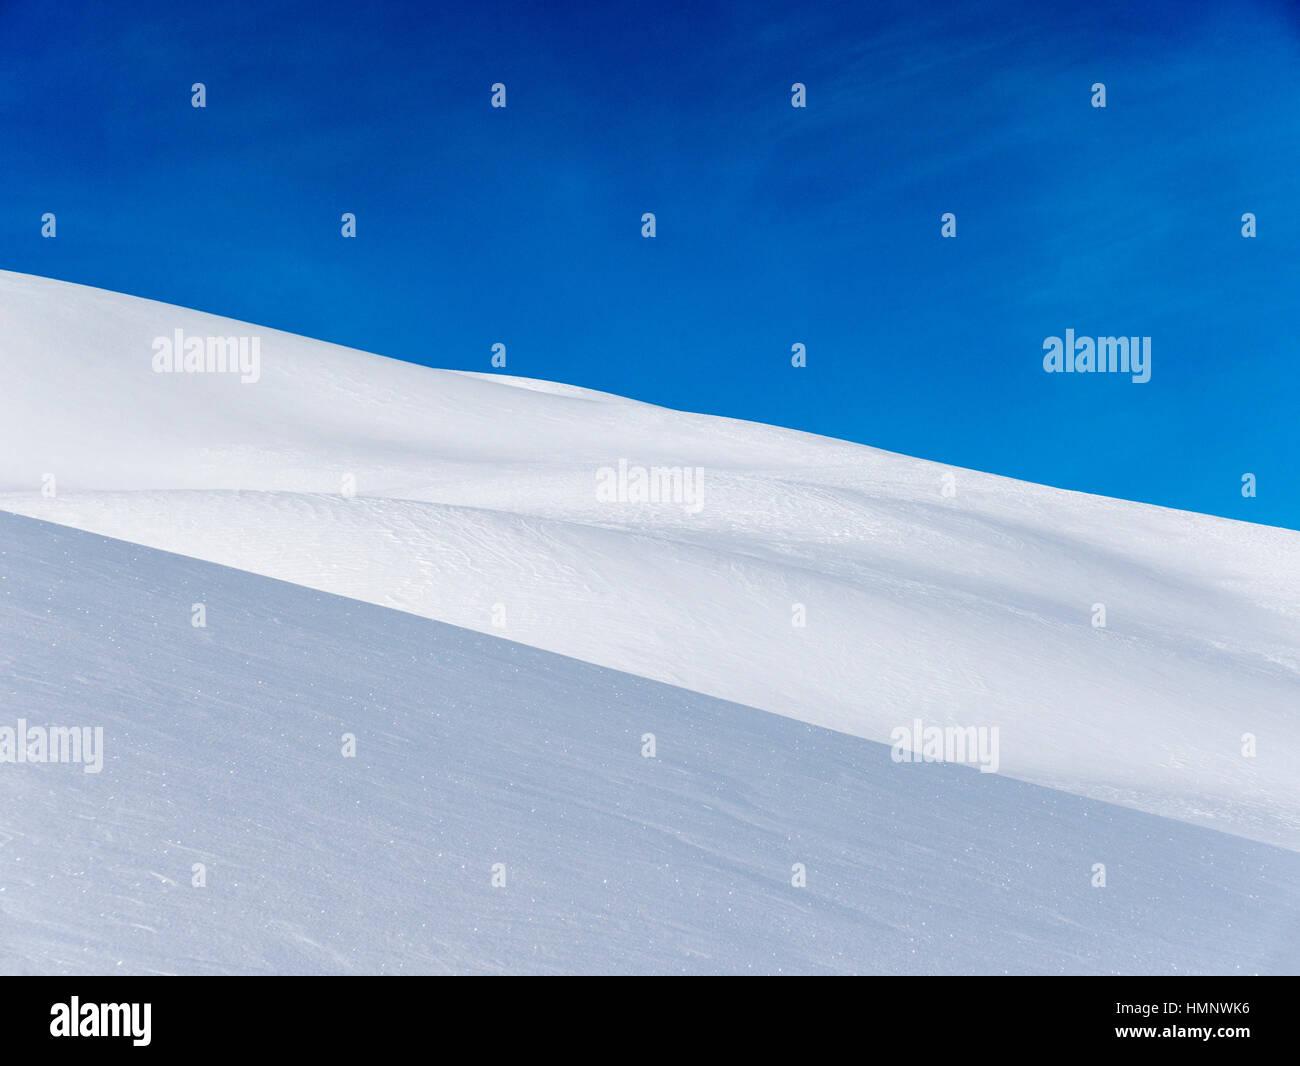 Detalle de cerca de patrones en nieve polvo fresco; Explanada Gama; Montañas Selkirk, British Columbia, Canada Foto de stock